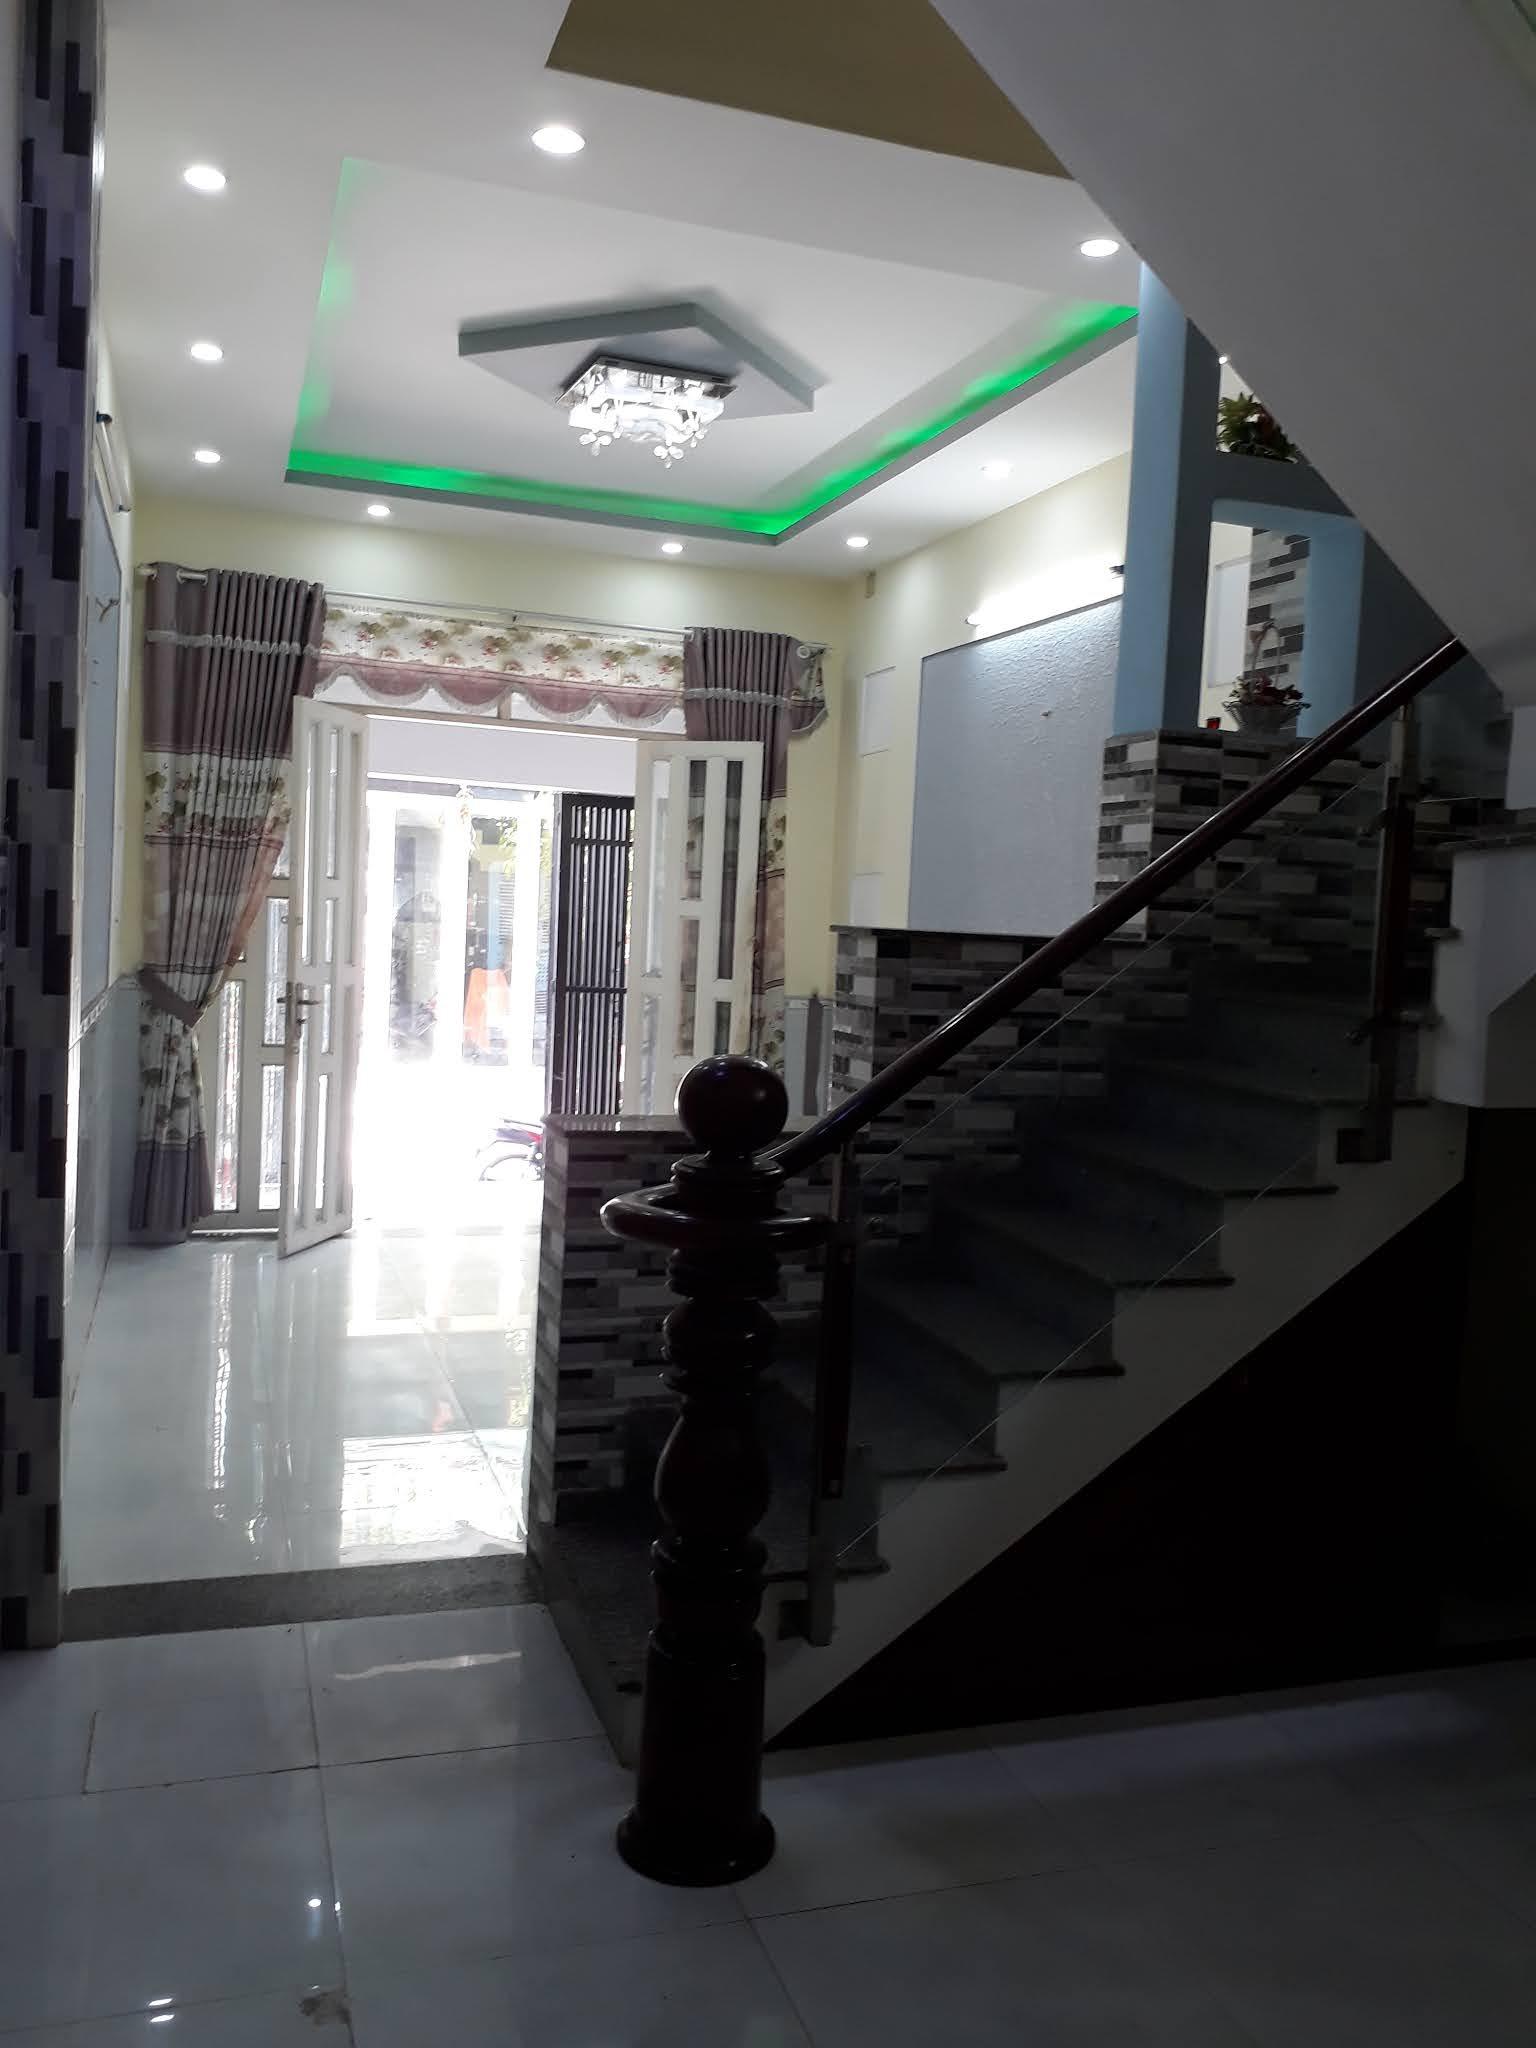 Bán nhà hẻm 276 Mã Lò phường Bình Trị Đông A quận Bình Tân. Nhà đúc 4 tấm